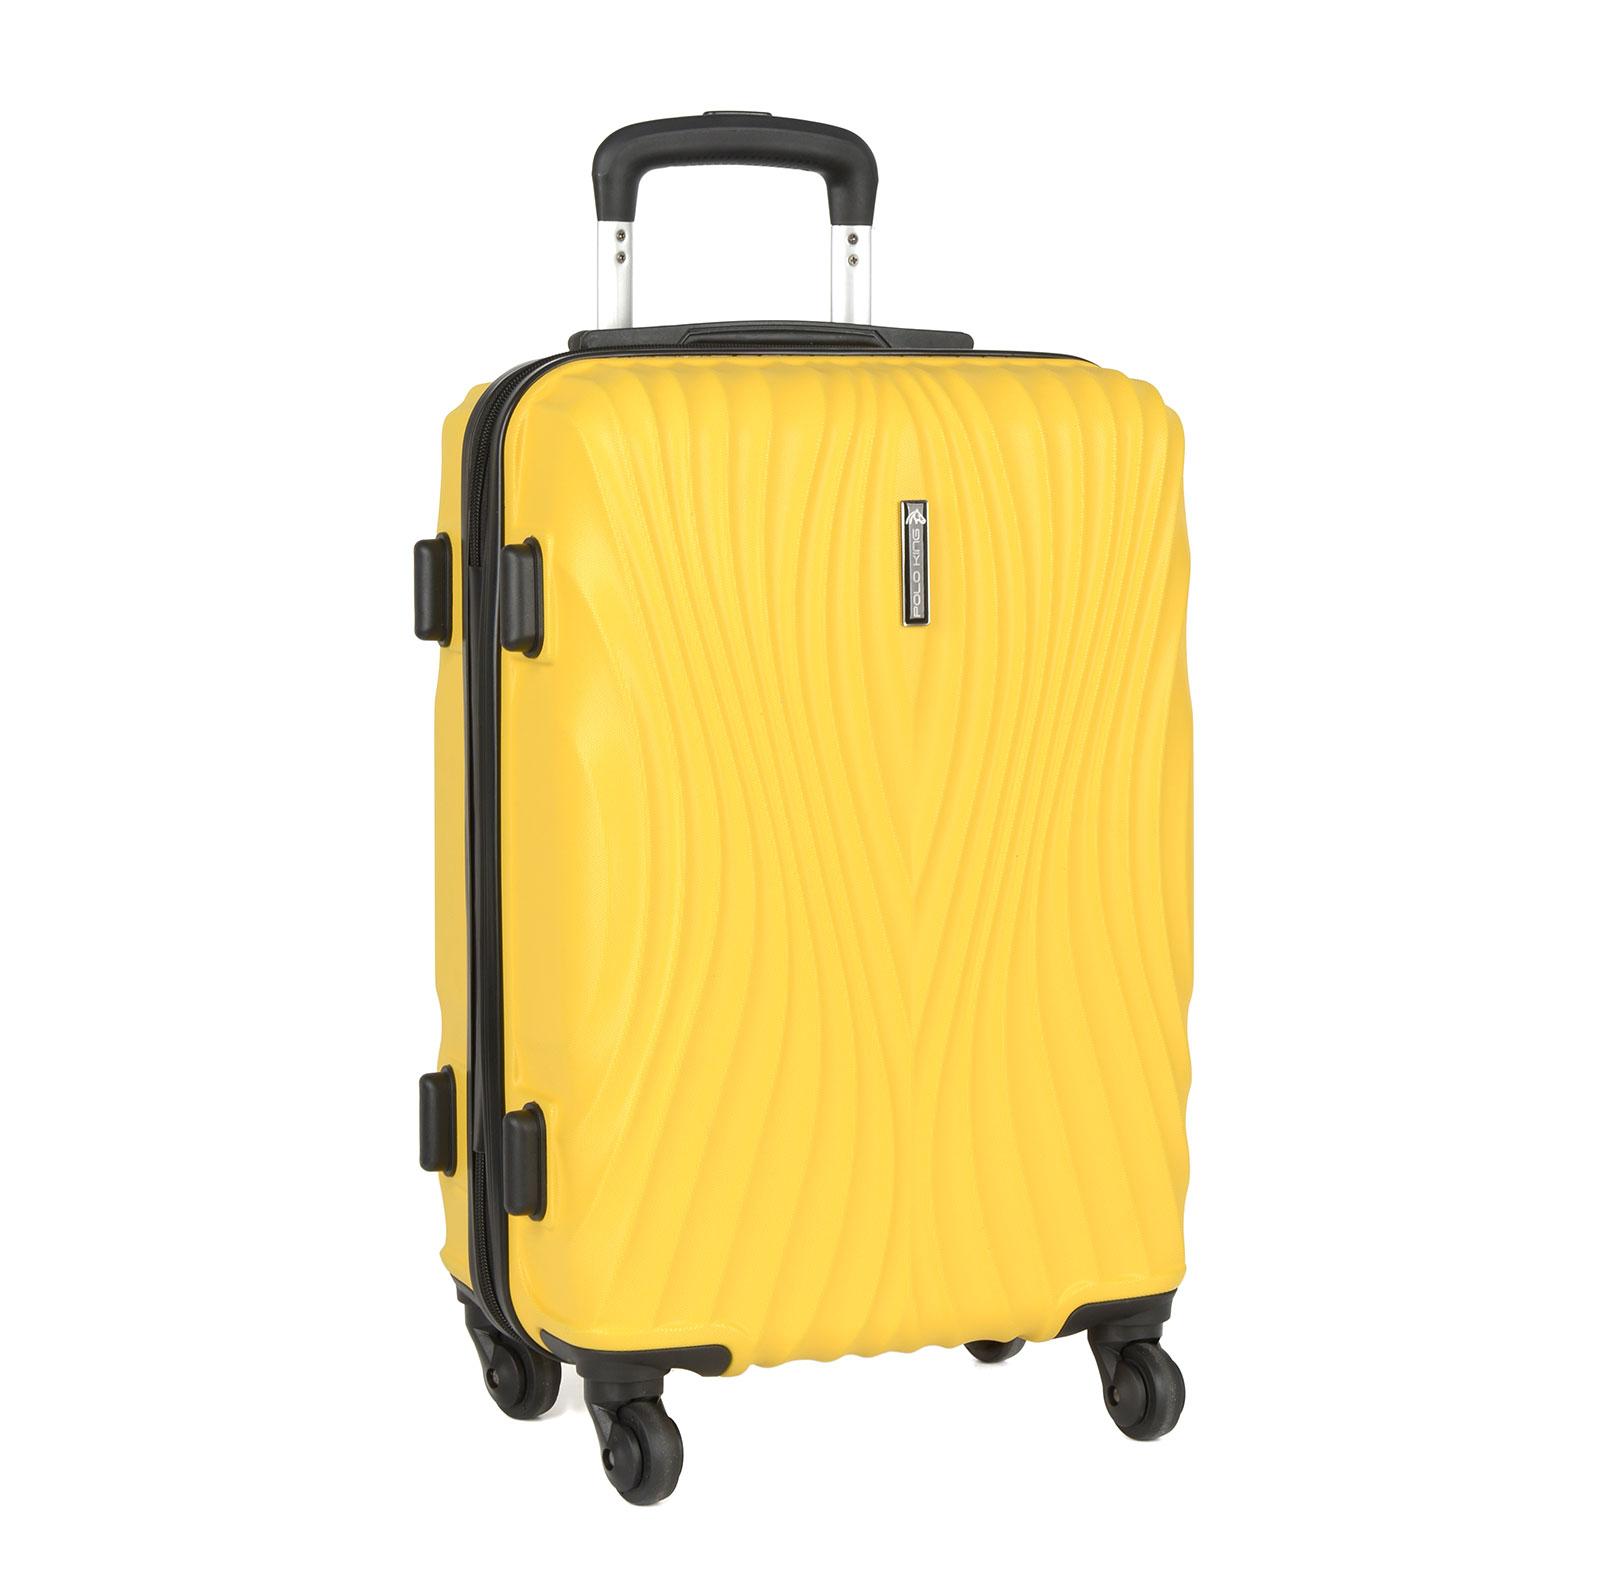 mala-de-viagem-rochester-polo-king-amarela-frente2